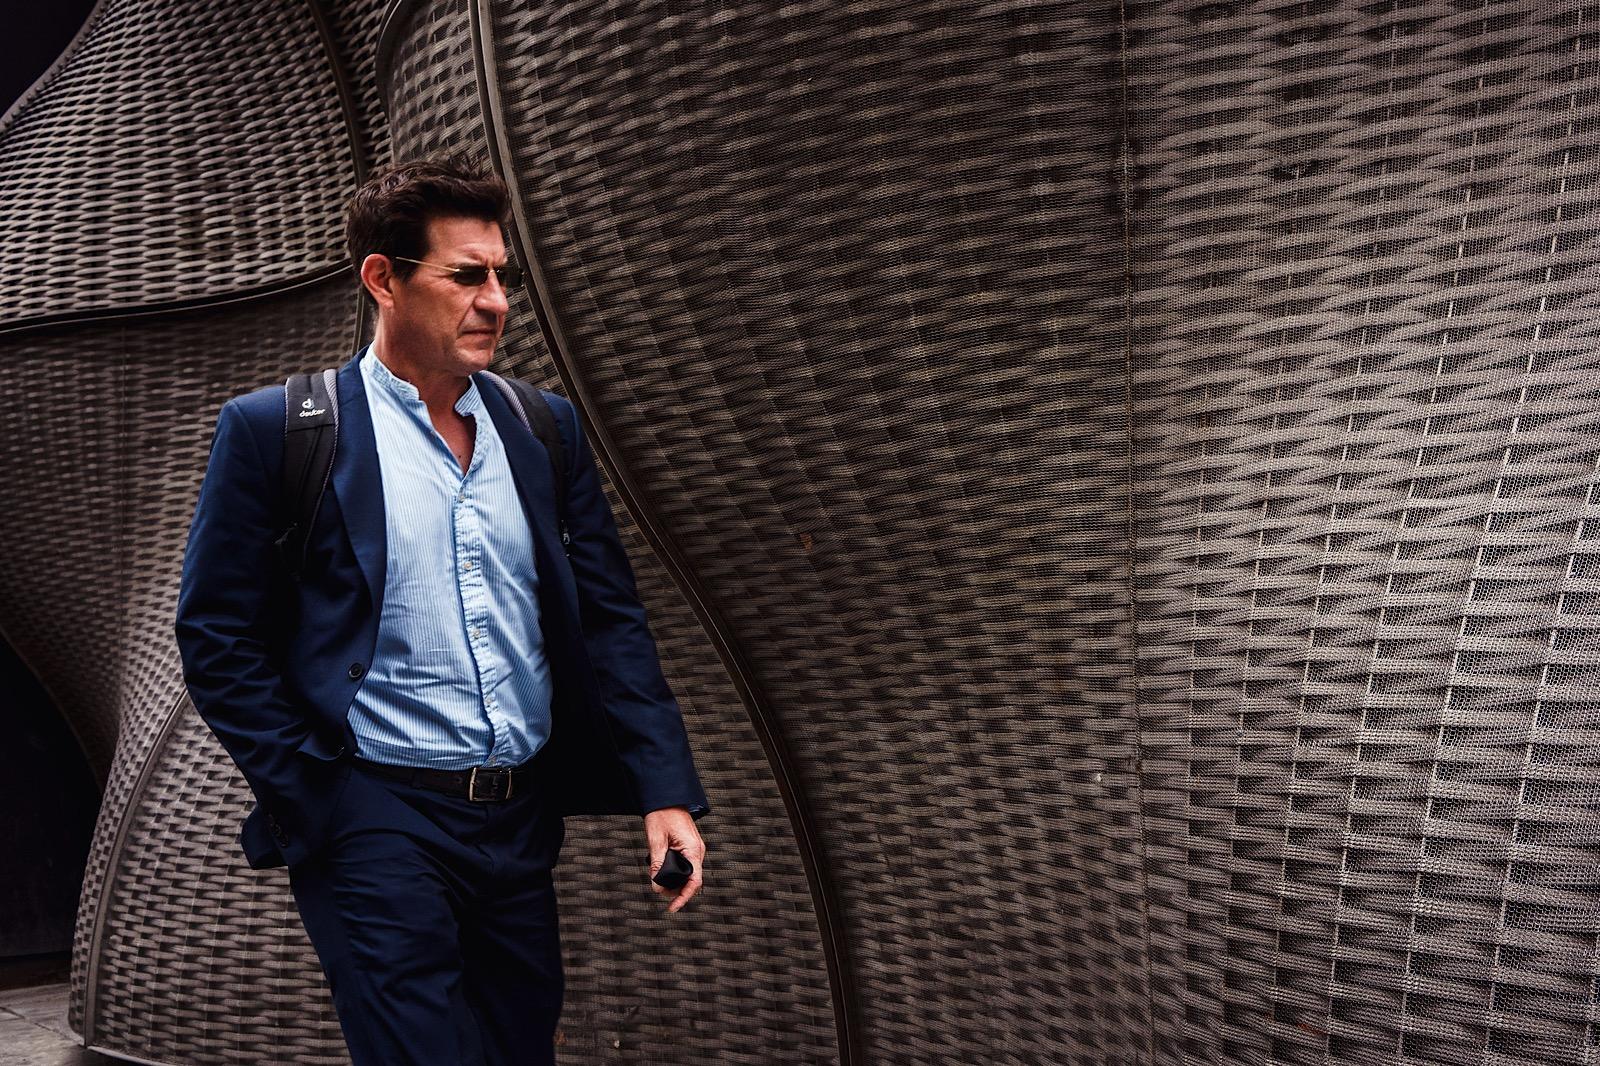 Business Man wearing sunglasses walking in london